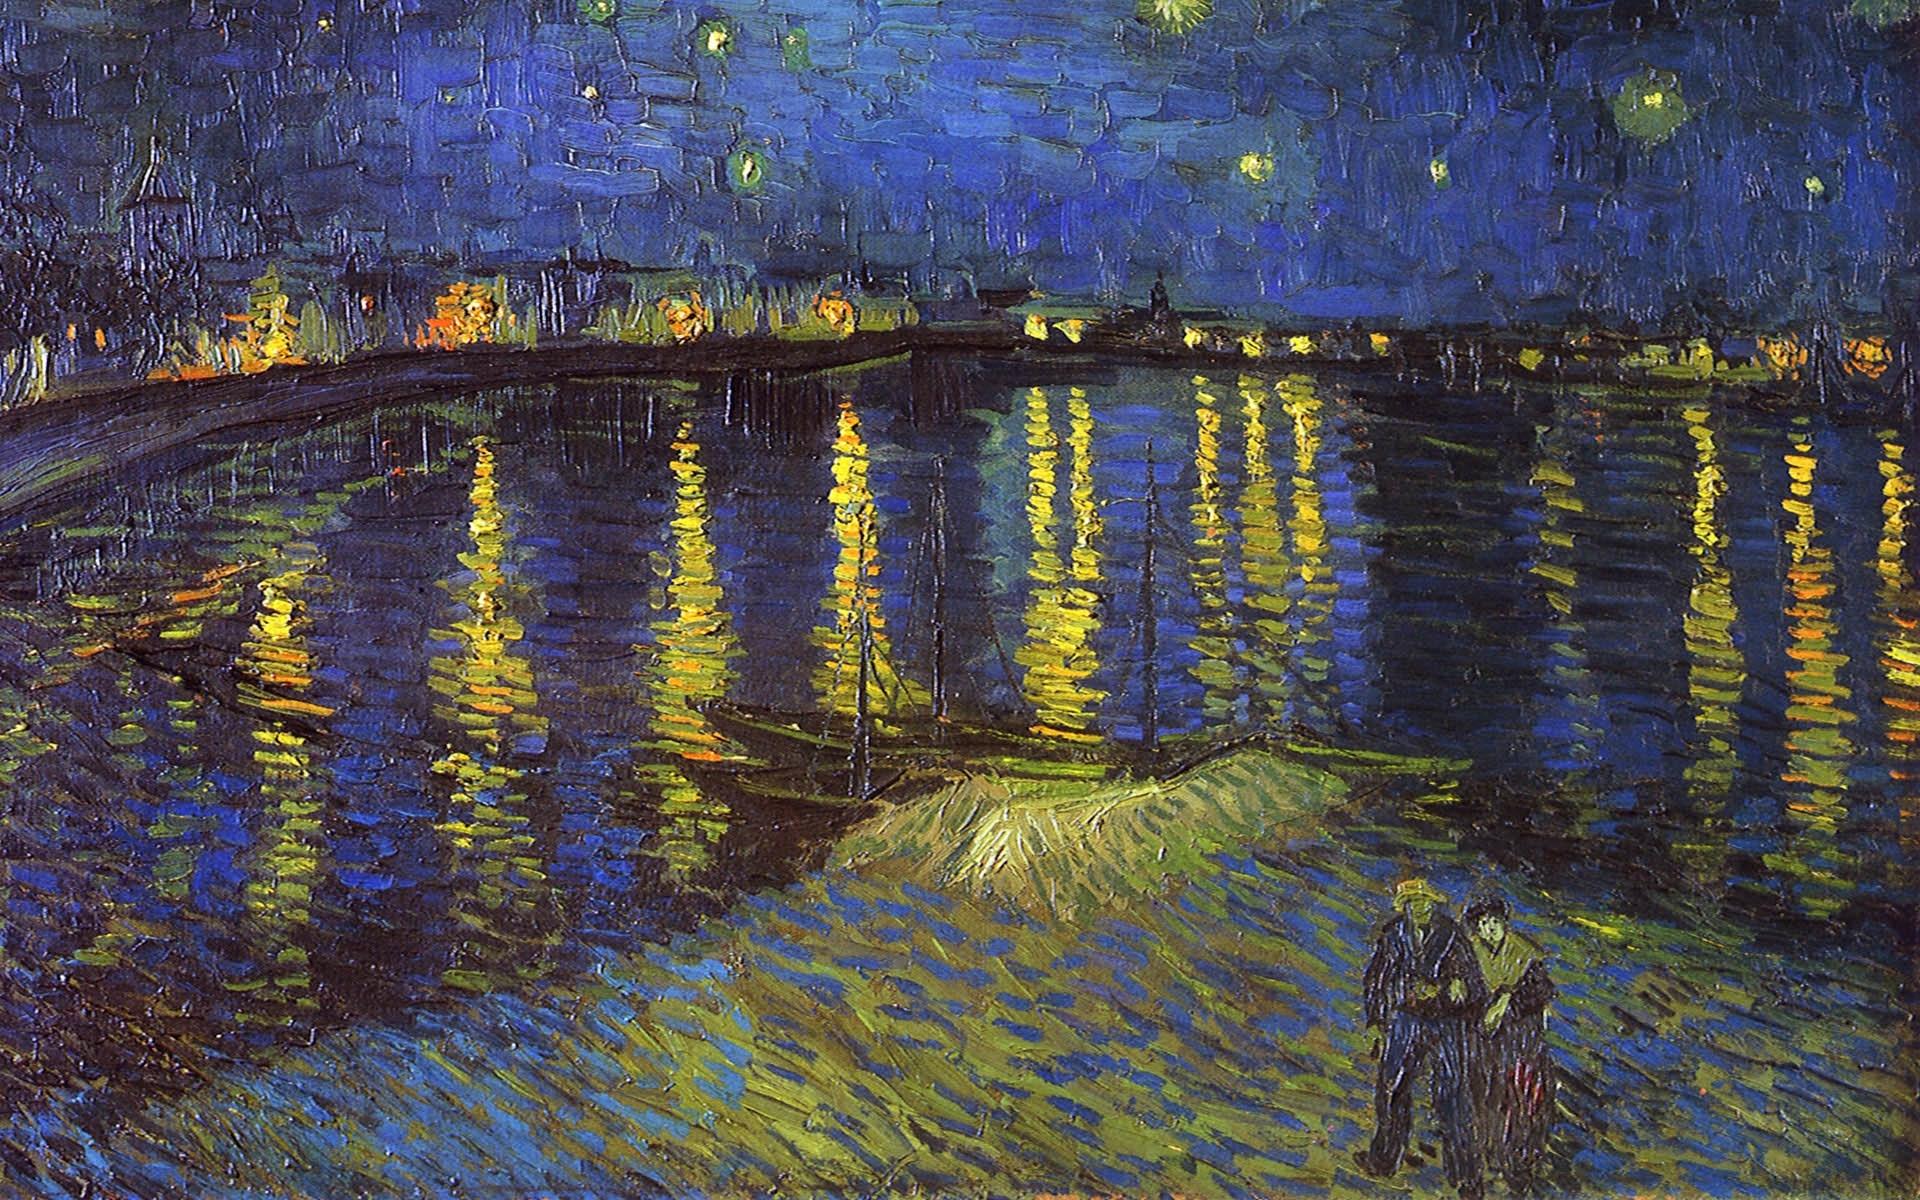 tableau van-gogh 1920 x 1200 (17) - 10 000 fonds d'écran hd gratuits